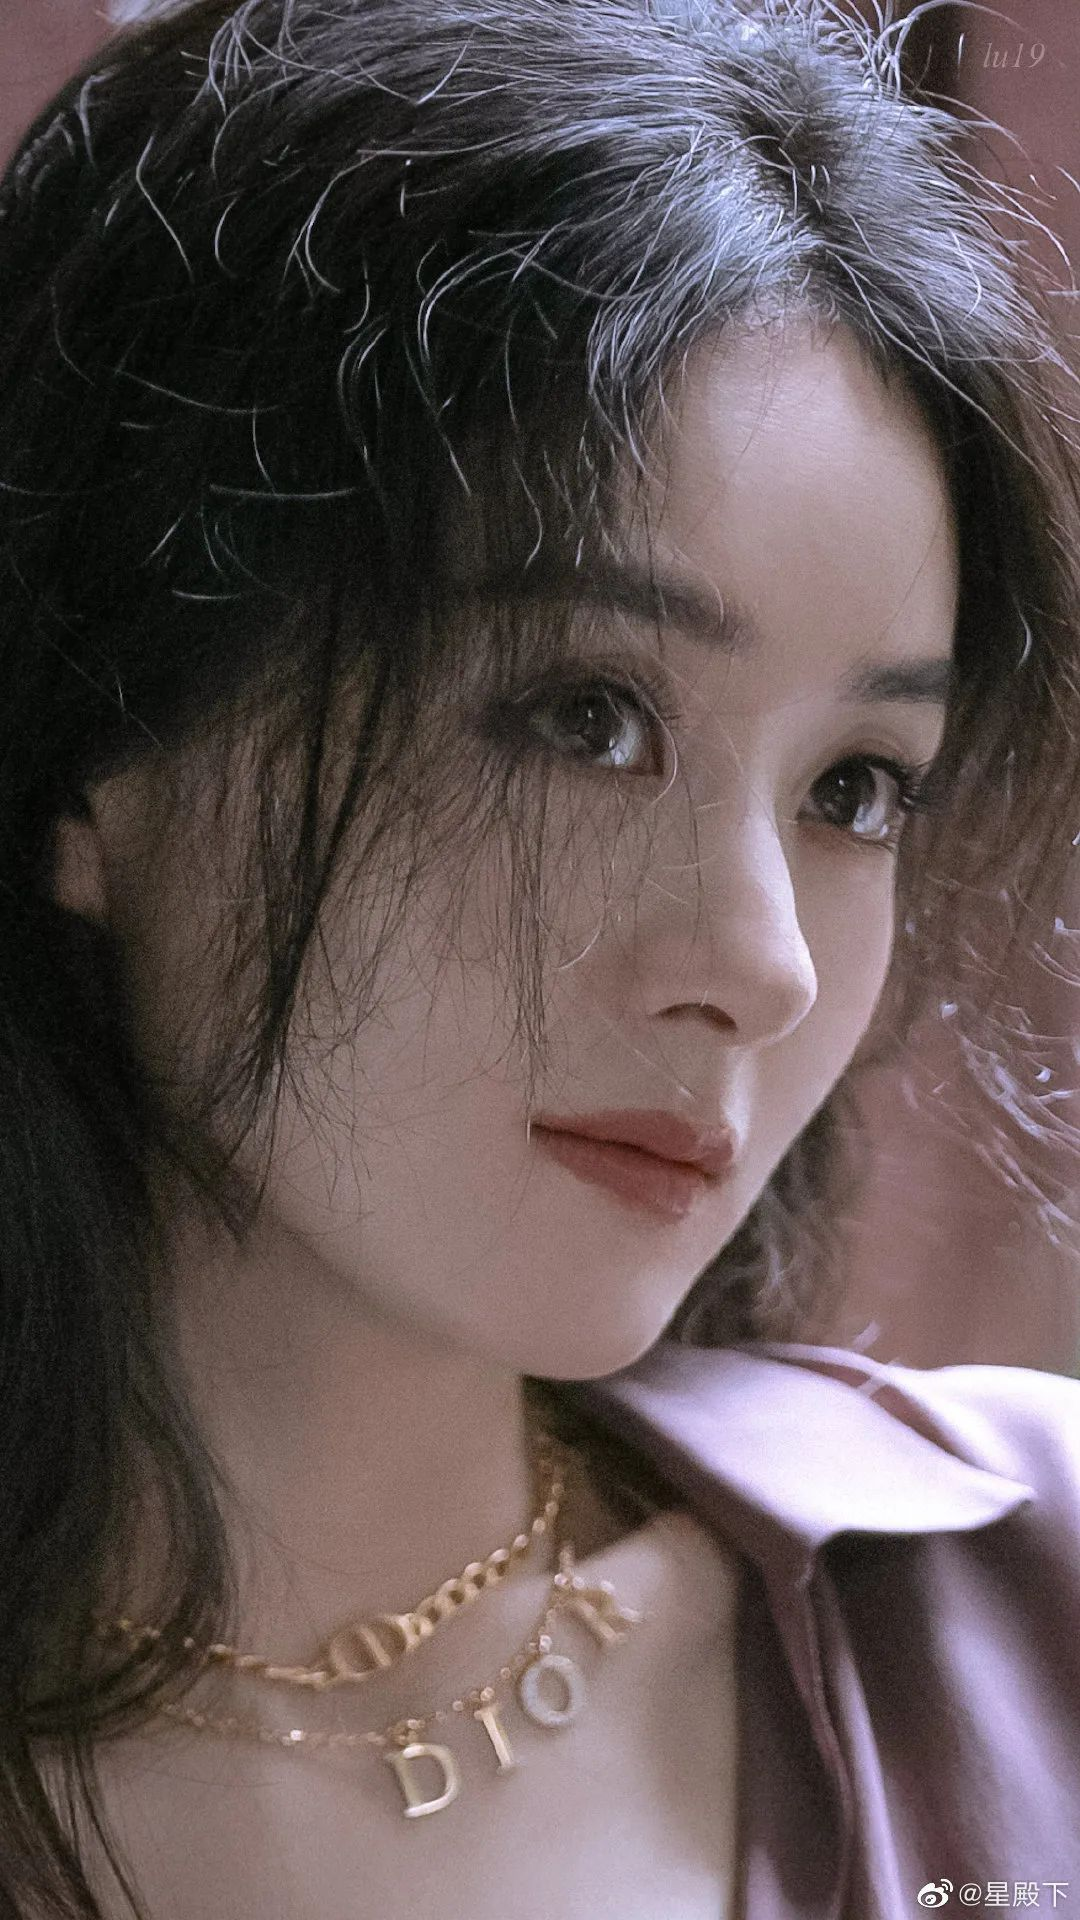 妹子写真 – 赵丽颖和赵露思,都是灵气十足的小仙女啊_图片 No.9